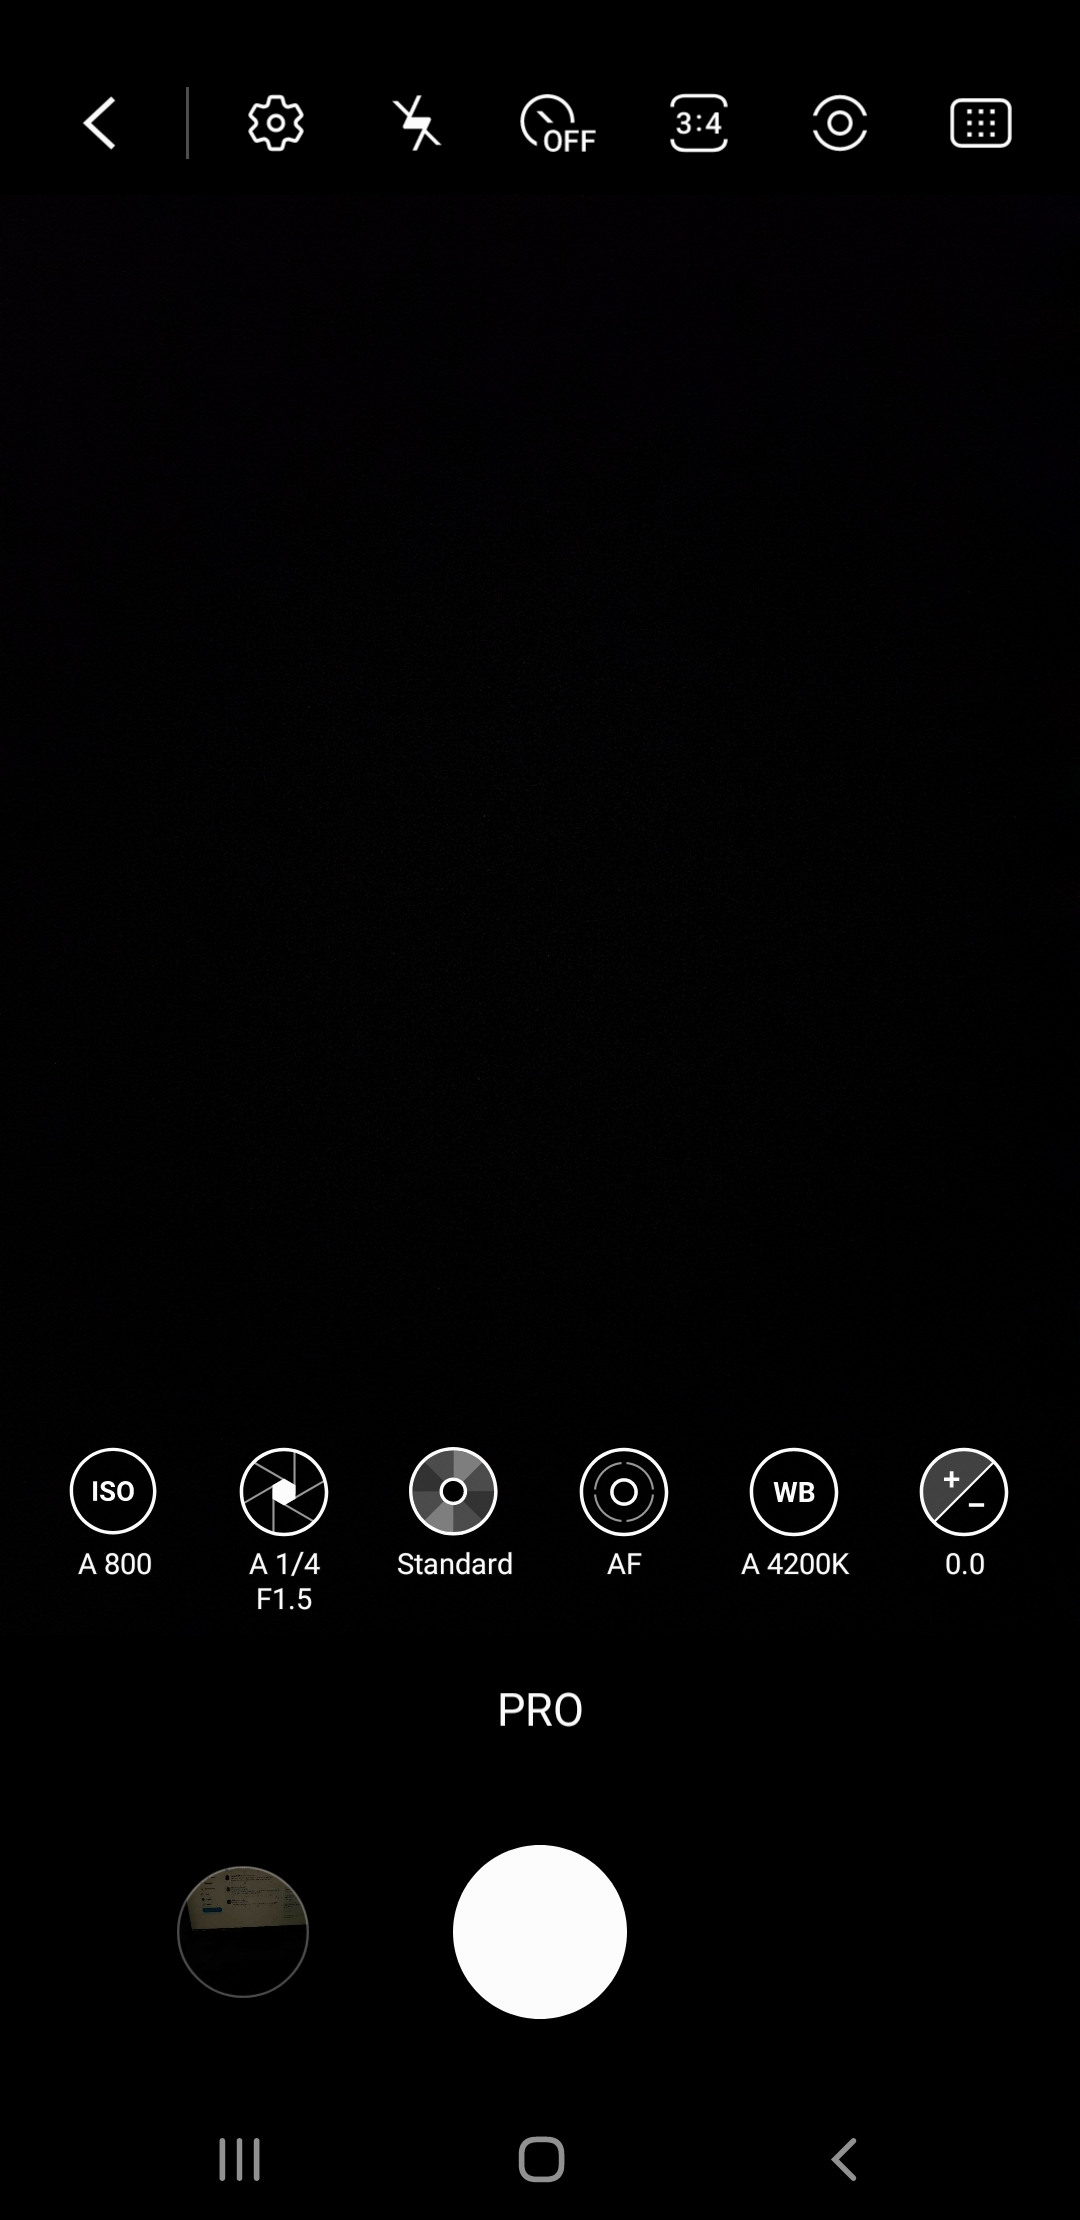 aktualizacja One UI 2.1 dla Samsung Galaxy Note 9 co nowego nowości opinie czy warto instalować w Polsce